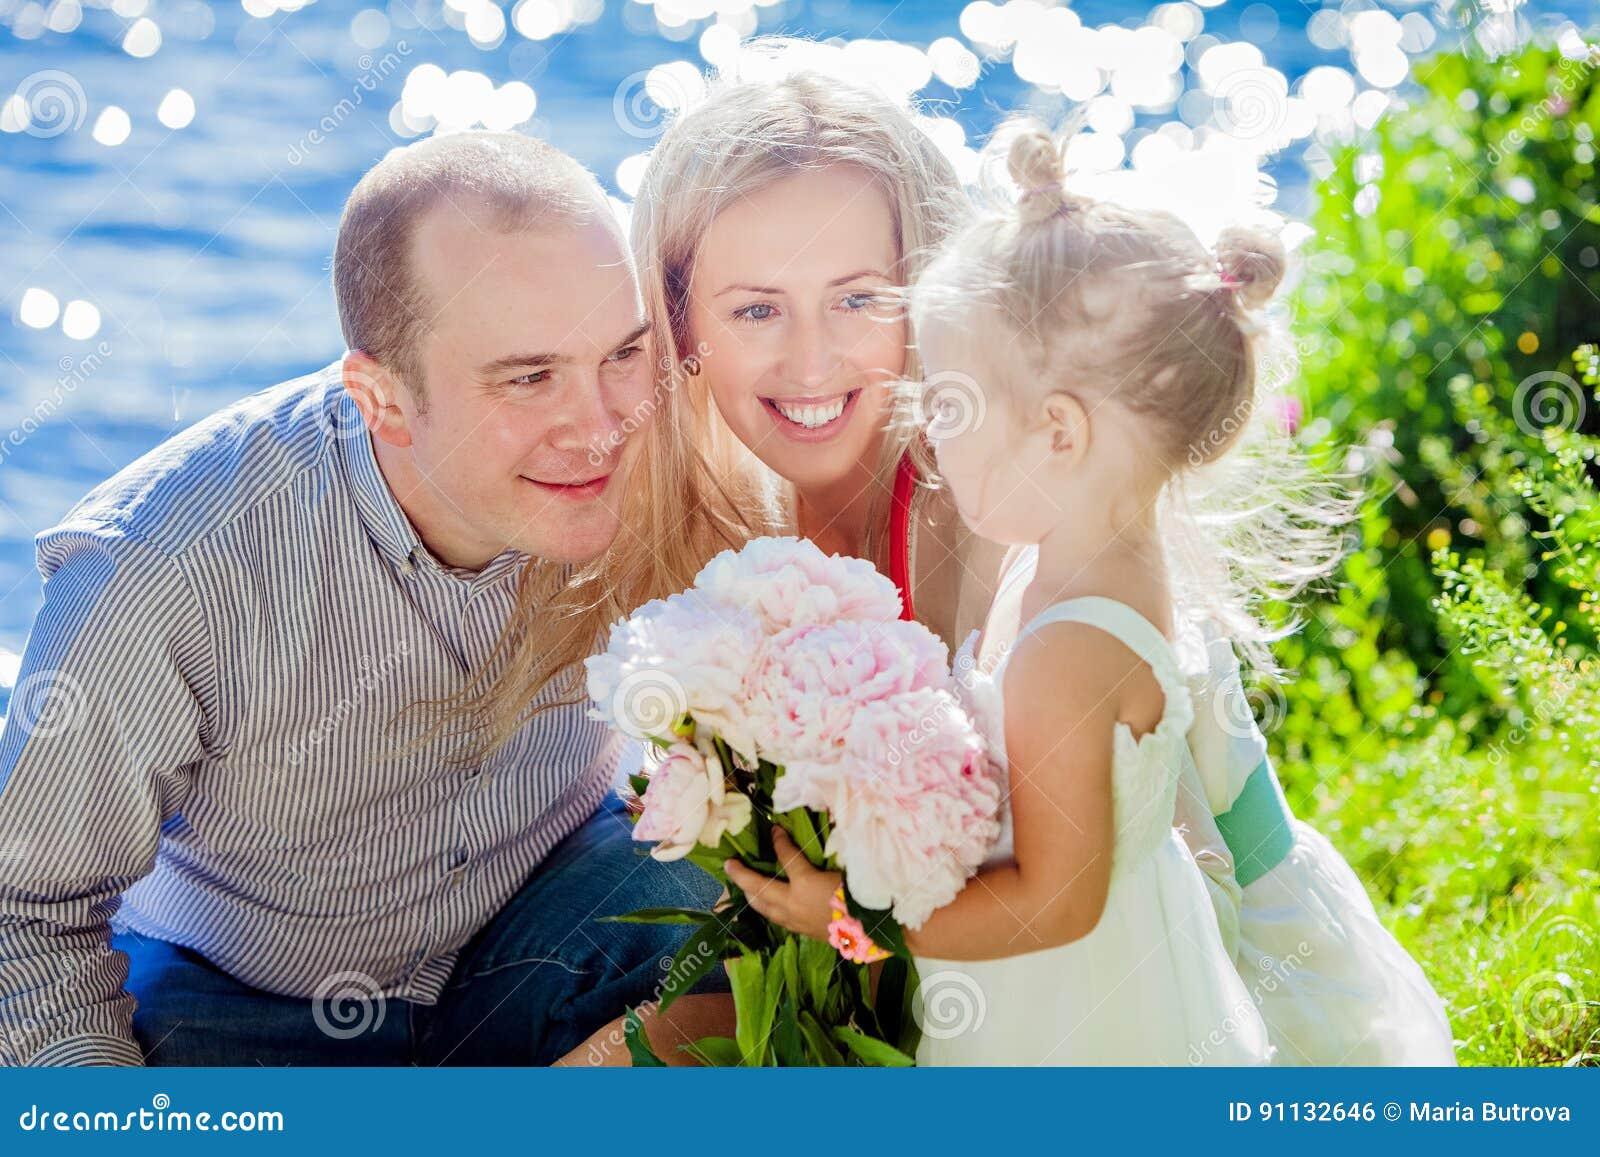 Мама папа дочь в лесу